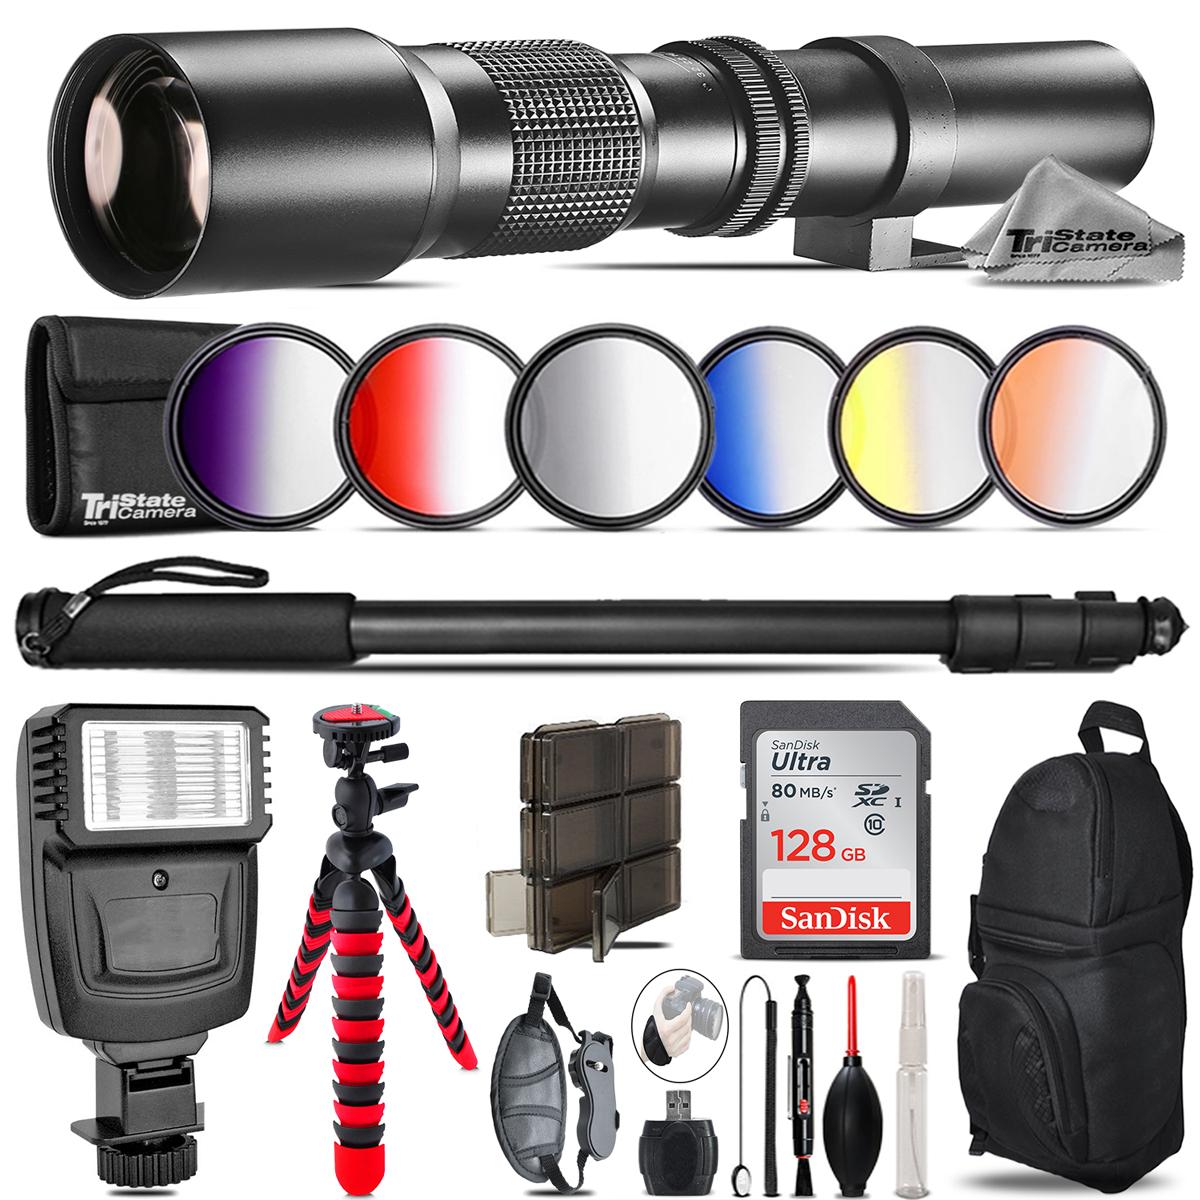 500mm Telephoto Lens for Nikon D610 & D750 + Flash +  Tripod & More - 128GB Kit